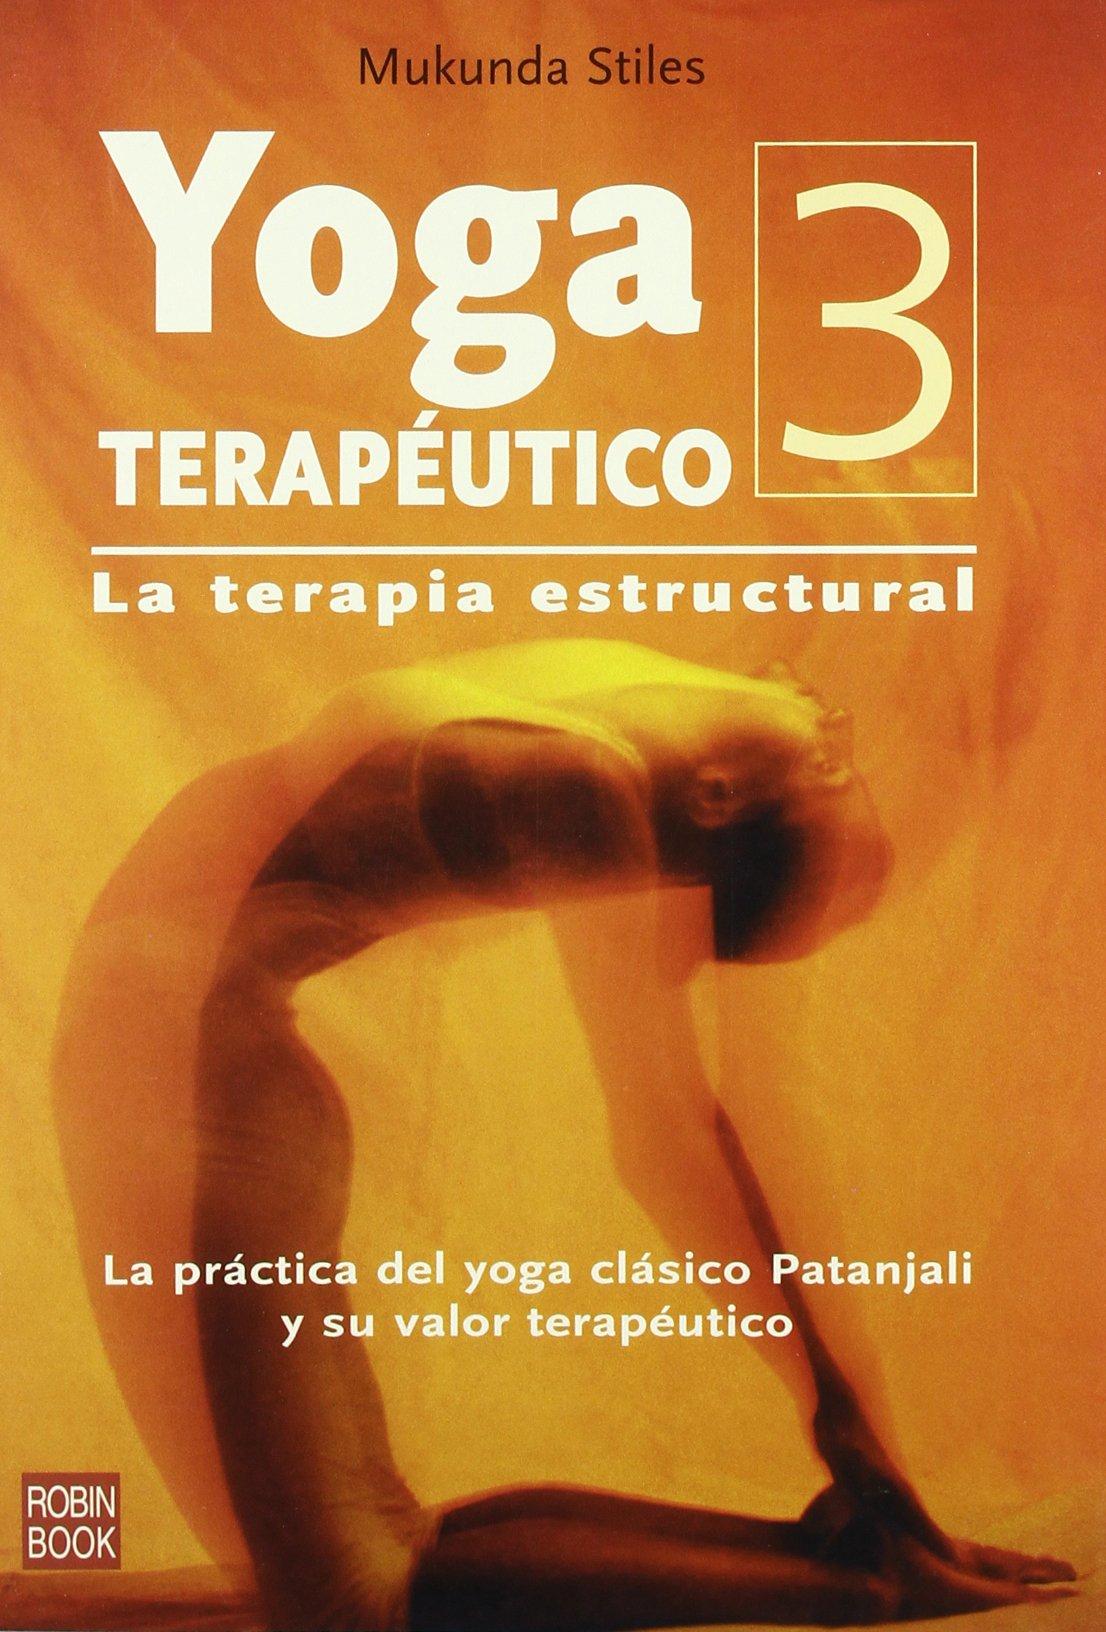 Yoga terapéutico-3. La terapia estructural: Cómo practicar ...